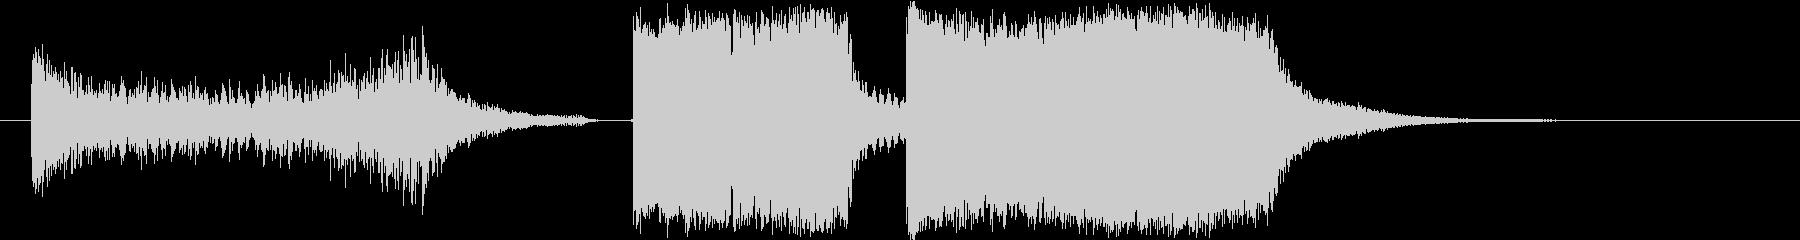 昔の歌番組で使われるランキングジングルの未再生の波形